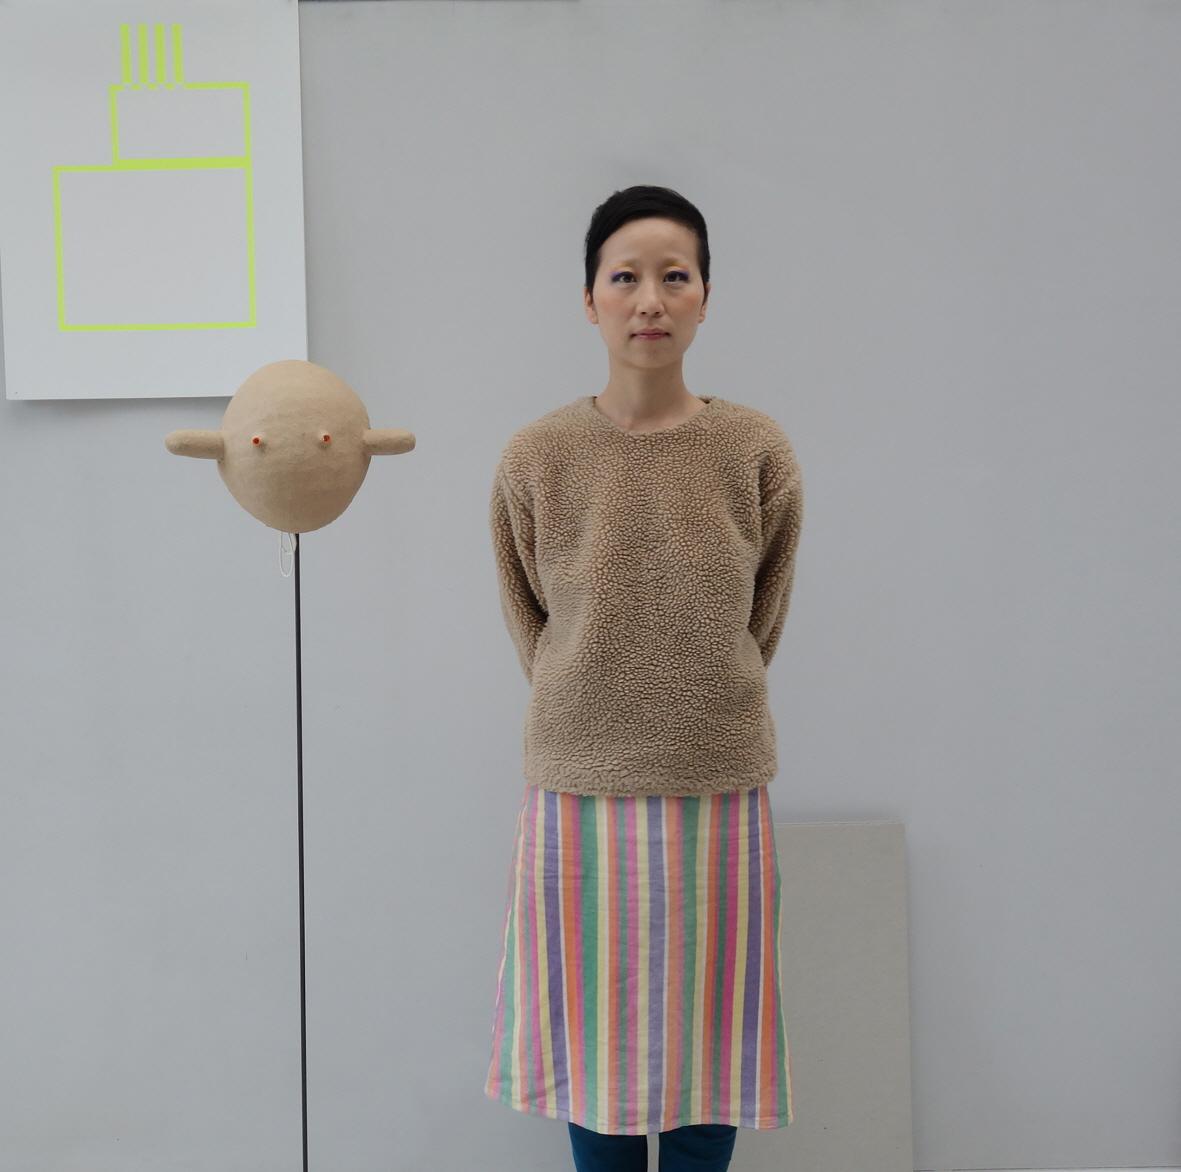 Artist Lee Seul-gi (MMCA)